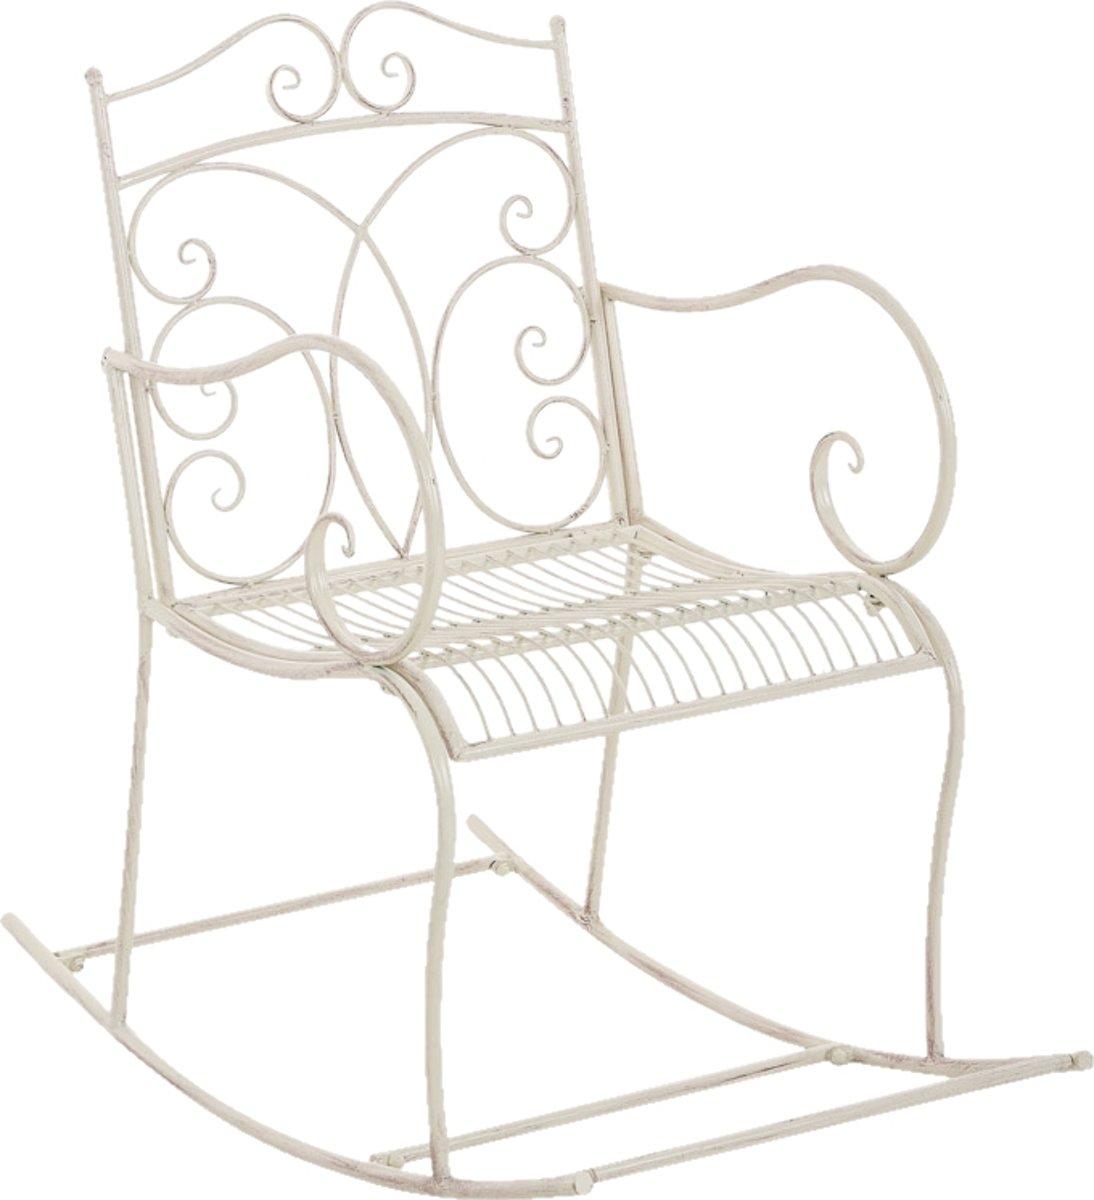 Clp Schommelstoel EDITH, tuinstoel, terrasstoel, balkonstoel, vintage, country live stijl, retro, nostalgisch, landhuisstijl, relaxstoel - antiek-crèm